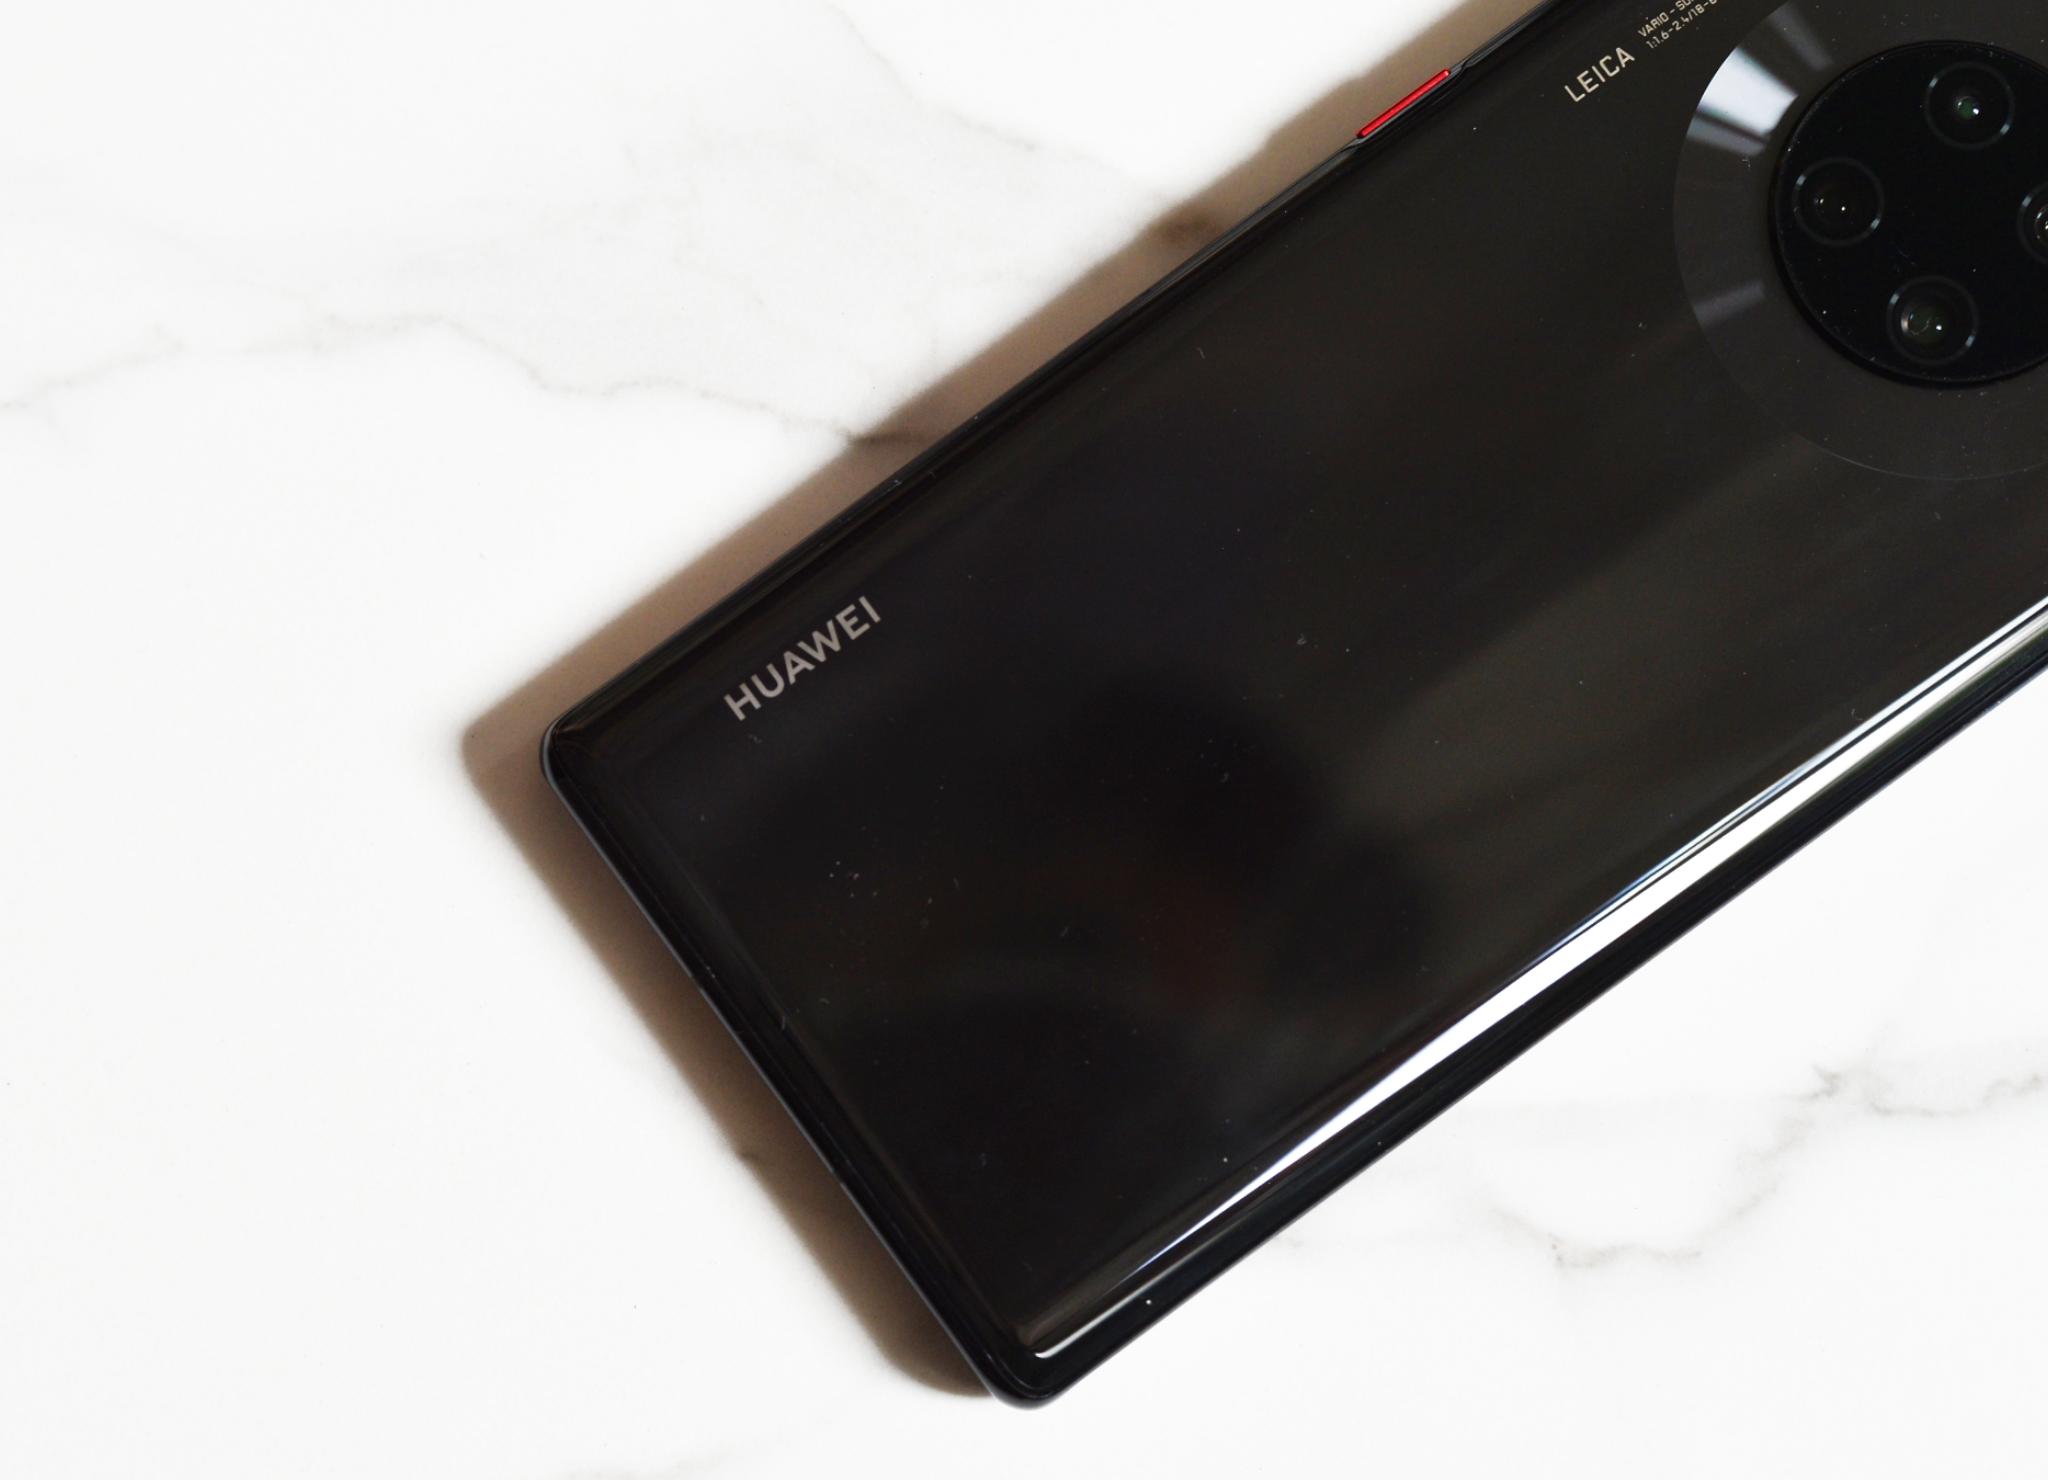 华为Mate30 Pro图赏:超曲面环幕屏,搭载麒麟990芯片的照片 - 4